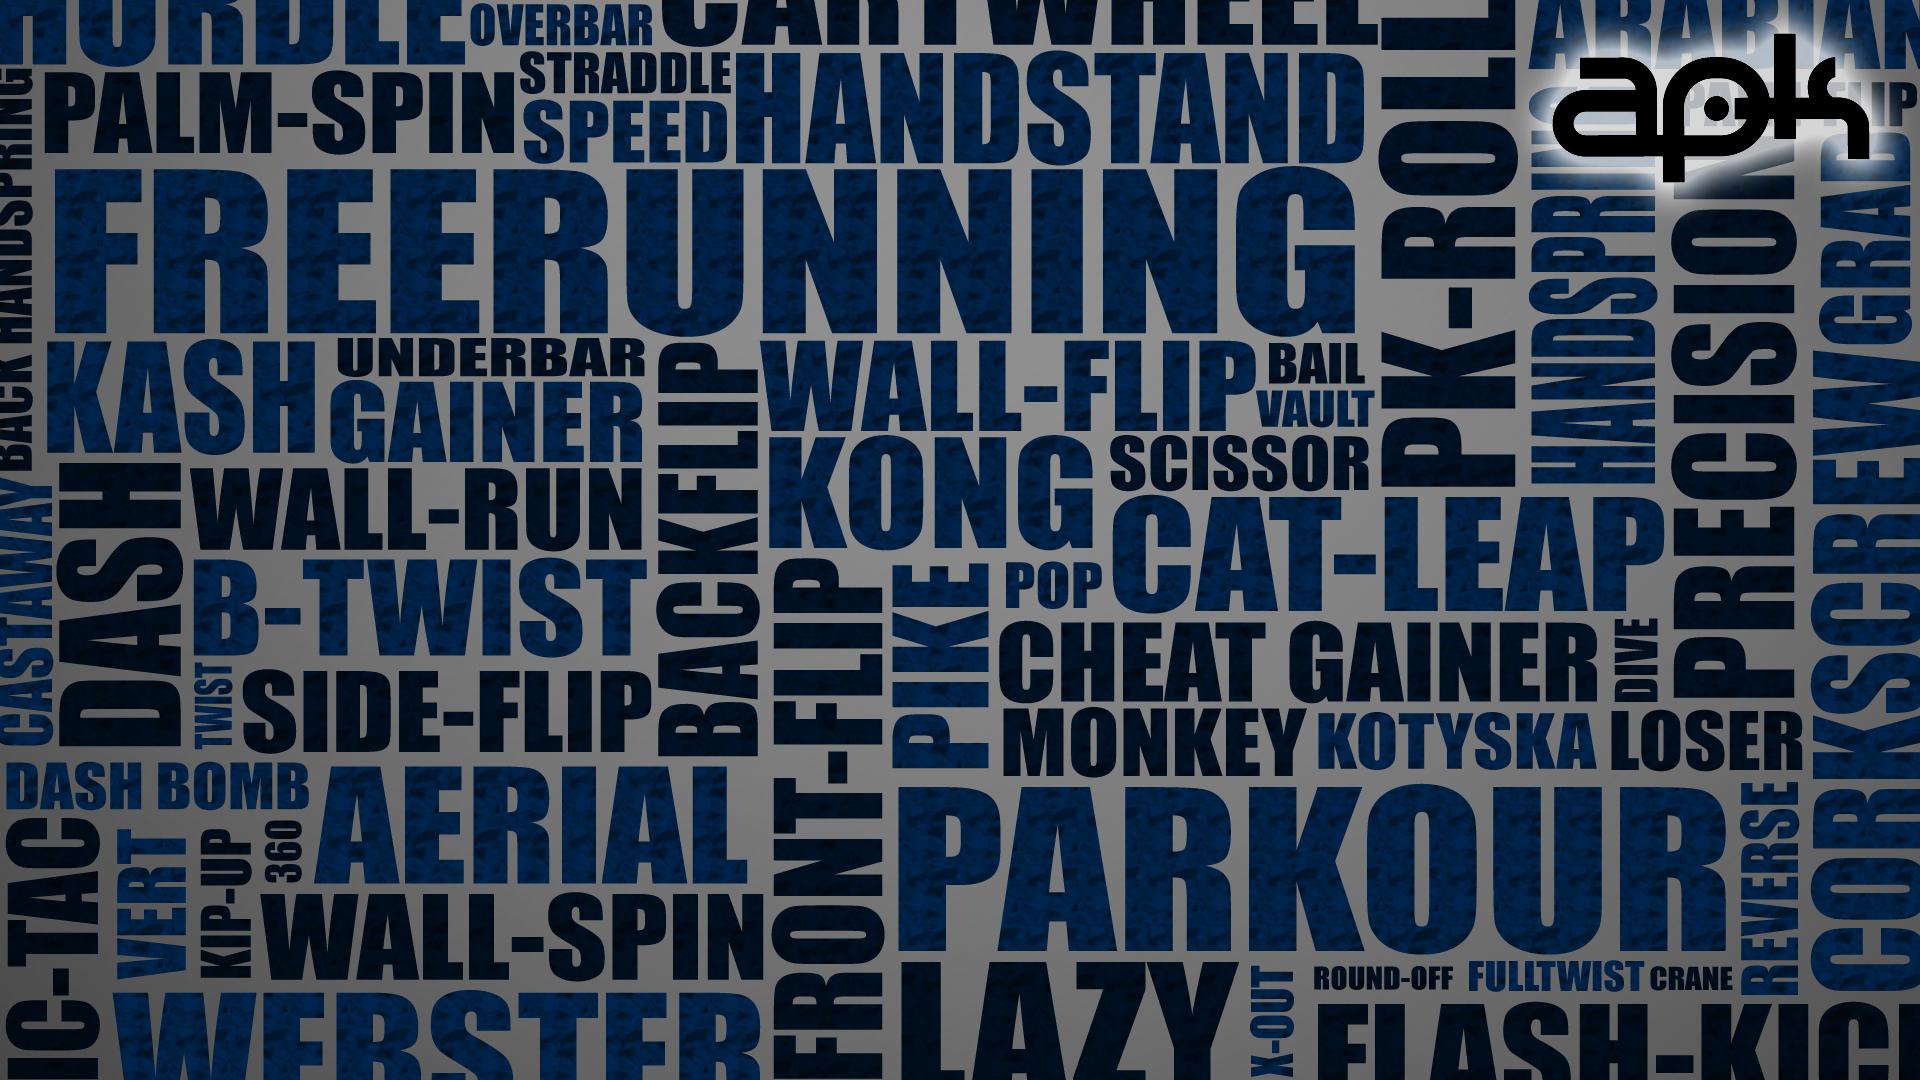 Parkour Moves Wallpapers Parkour Moves Myspace Backgrounds Parkour 1920x1080